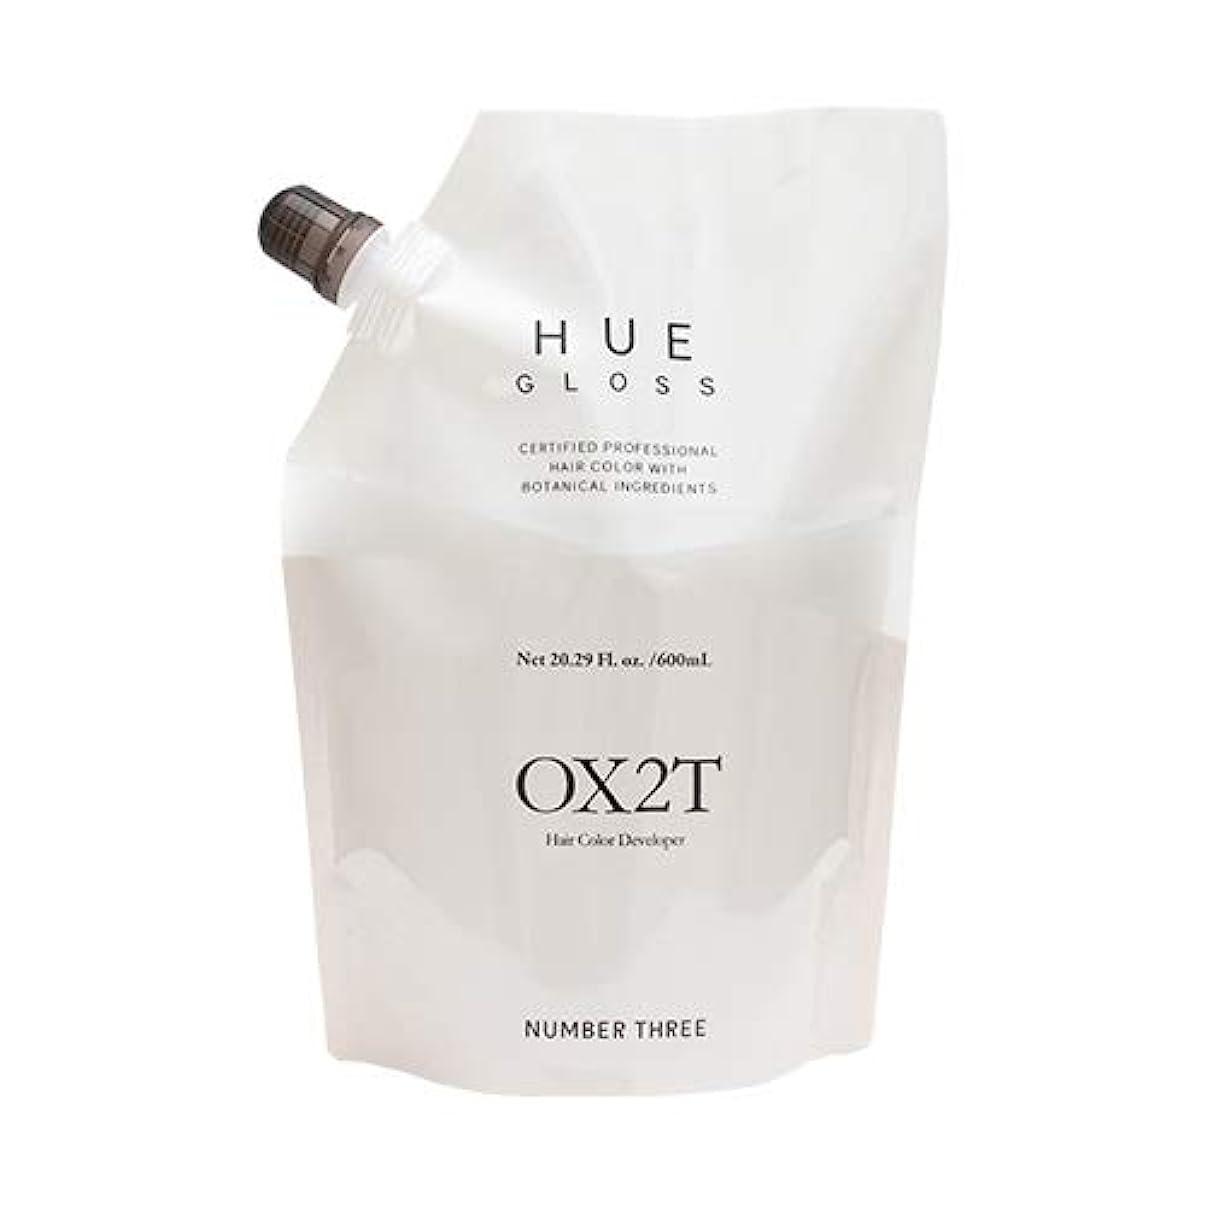 ヒップ続ける種類ナンバースリーヒュウ OX2T 600mL 酸化剤(過酸化水素2%) 第2剤